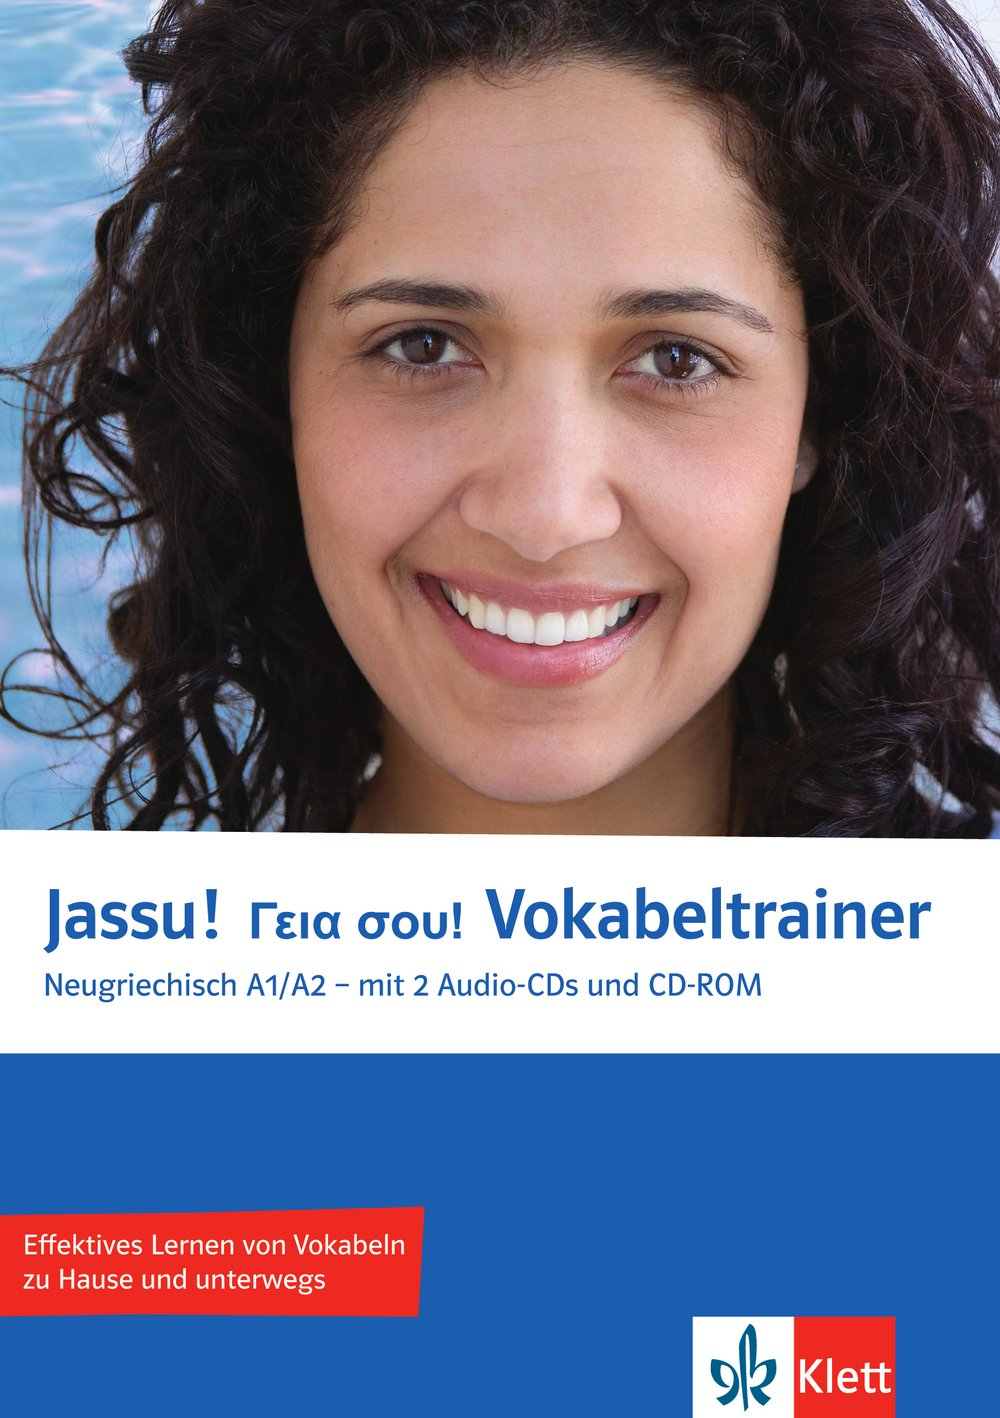 Jassu! A1/A2 Vokabeltrainer: Neugriechisch für Anfänger. Vokabelheft + 2 Audio-CDs + CD-ROM (PC/Mac) (Jassu!/Neugriechisch für Anfänger)